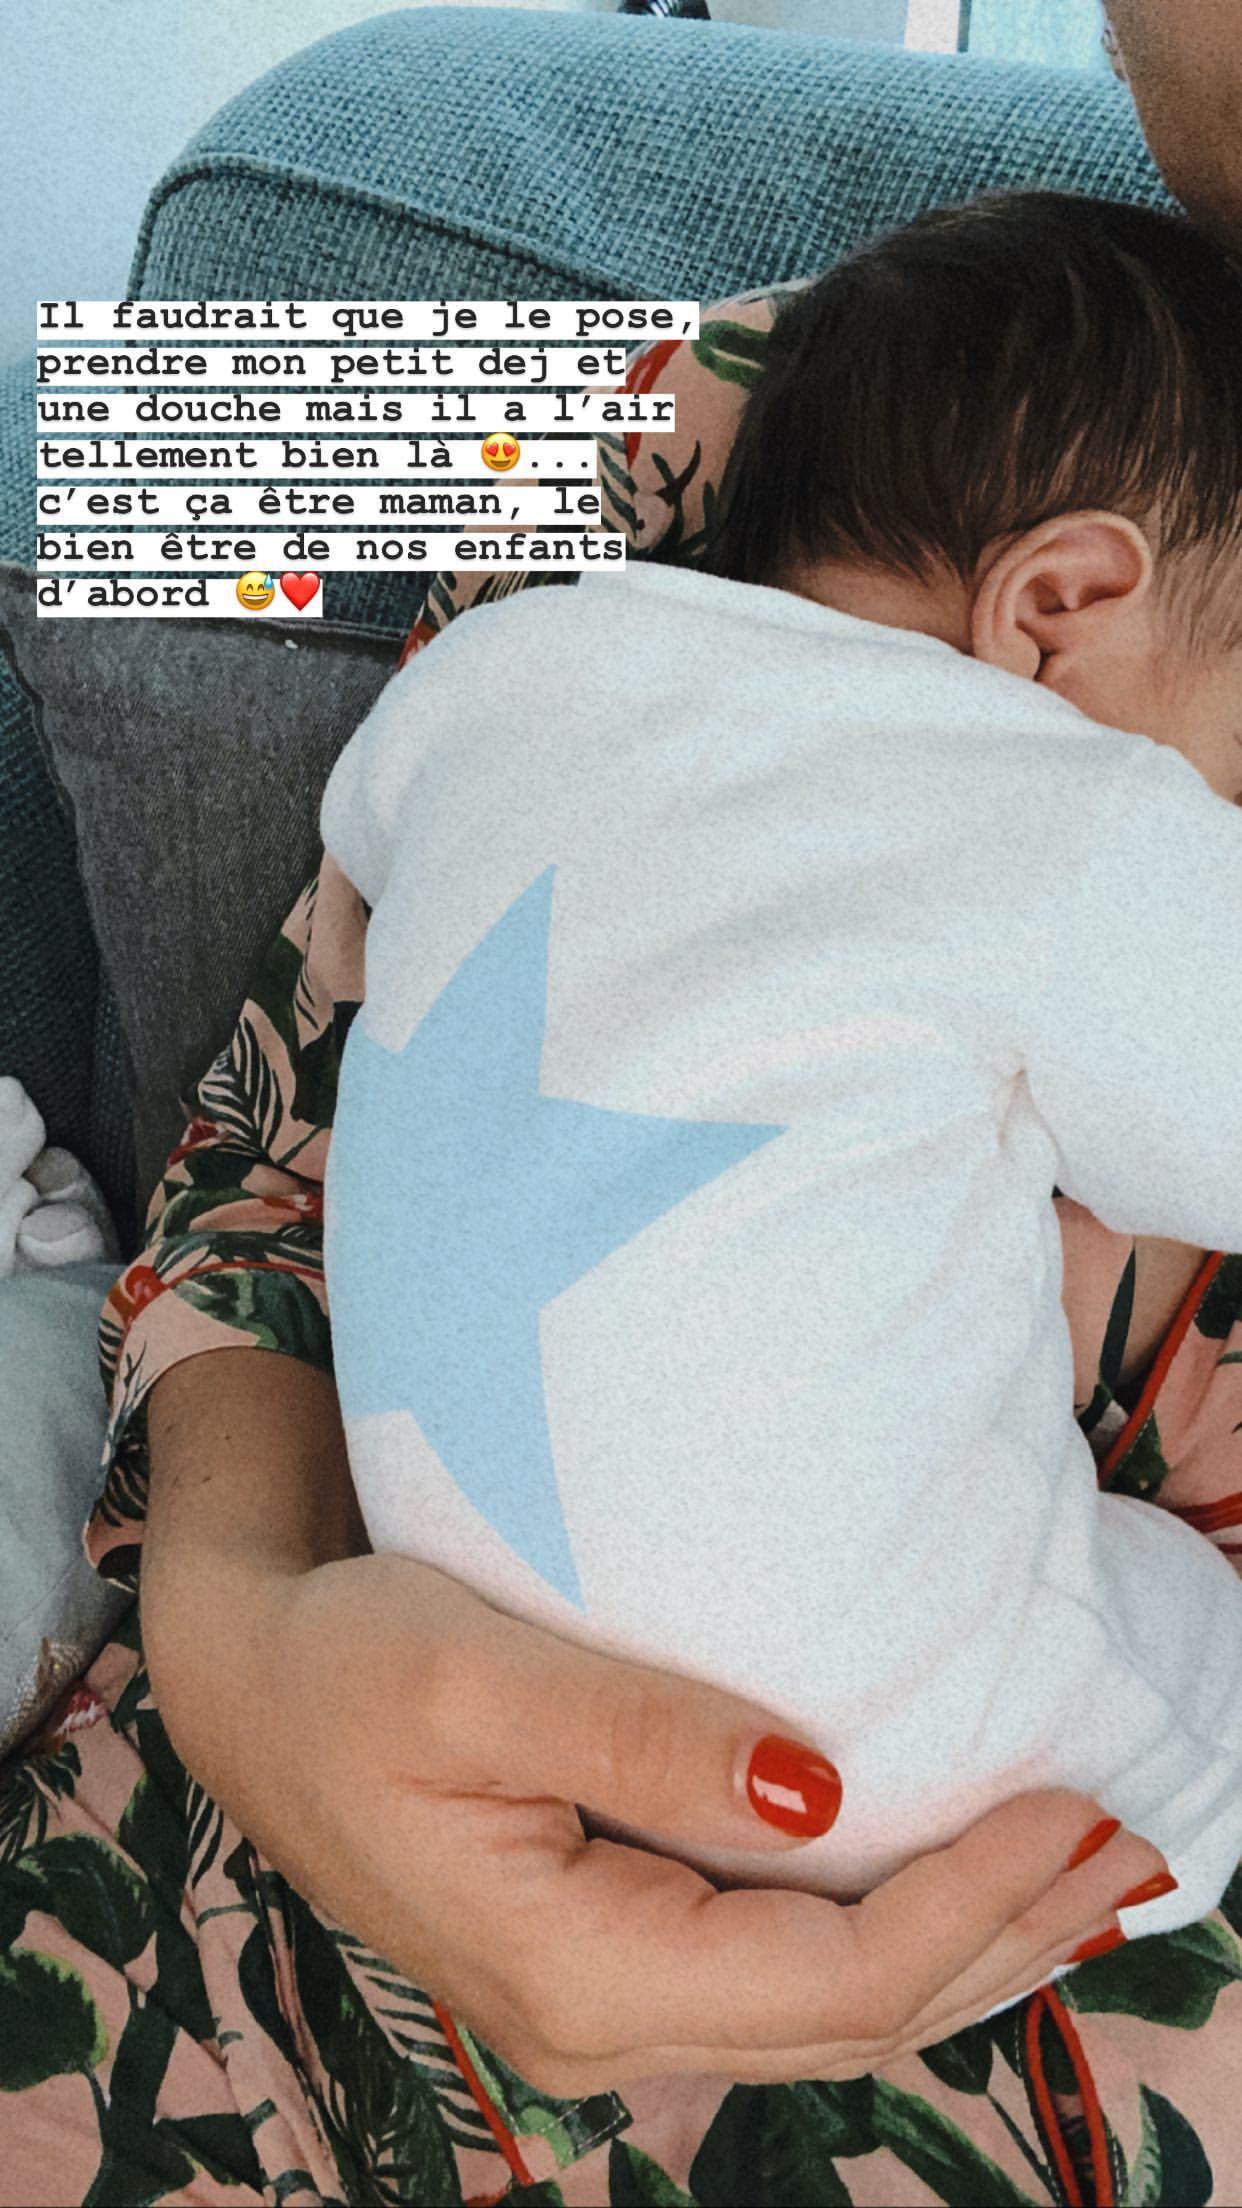 Rachel Legrain-Trapani dévoile son corps post-partum : Son message bienveillant aux mamans